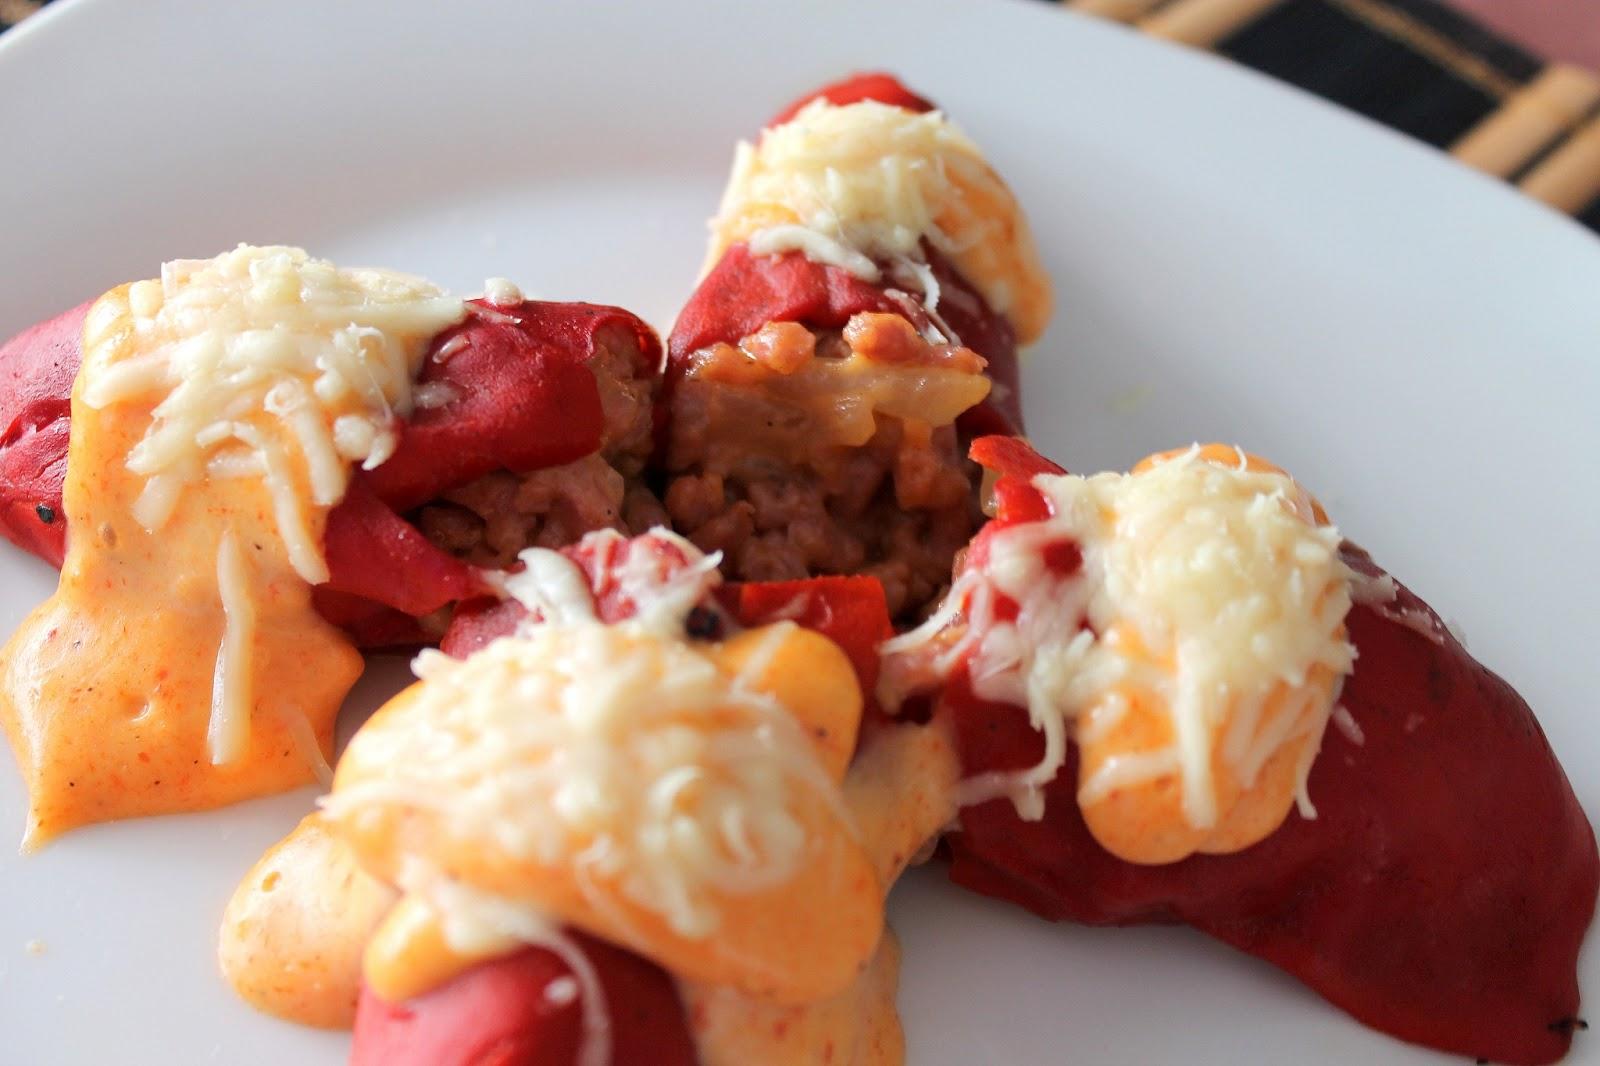 Cocinando con las chachas pimientos del piquillo rellenos - Pimientos rellenos de carne picada y bechamel ...